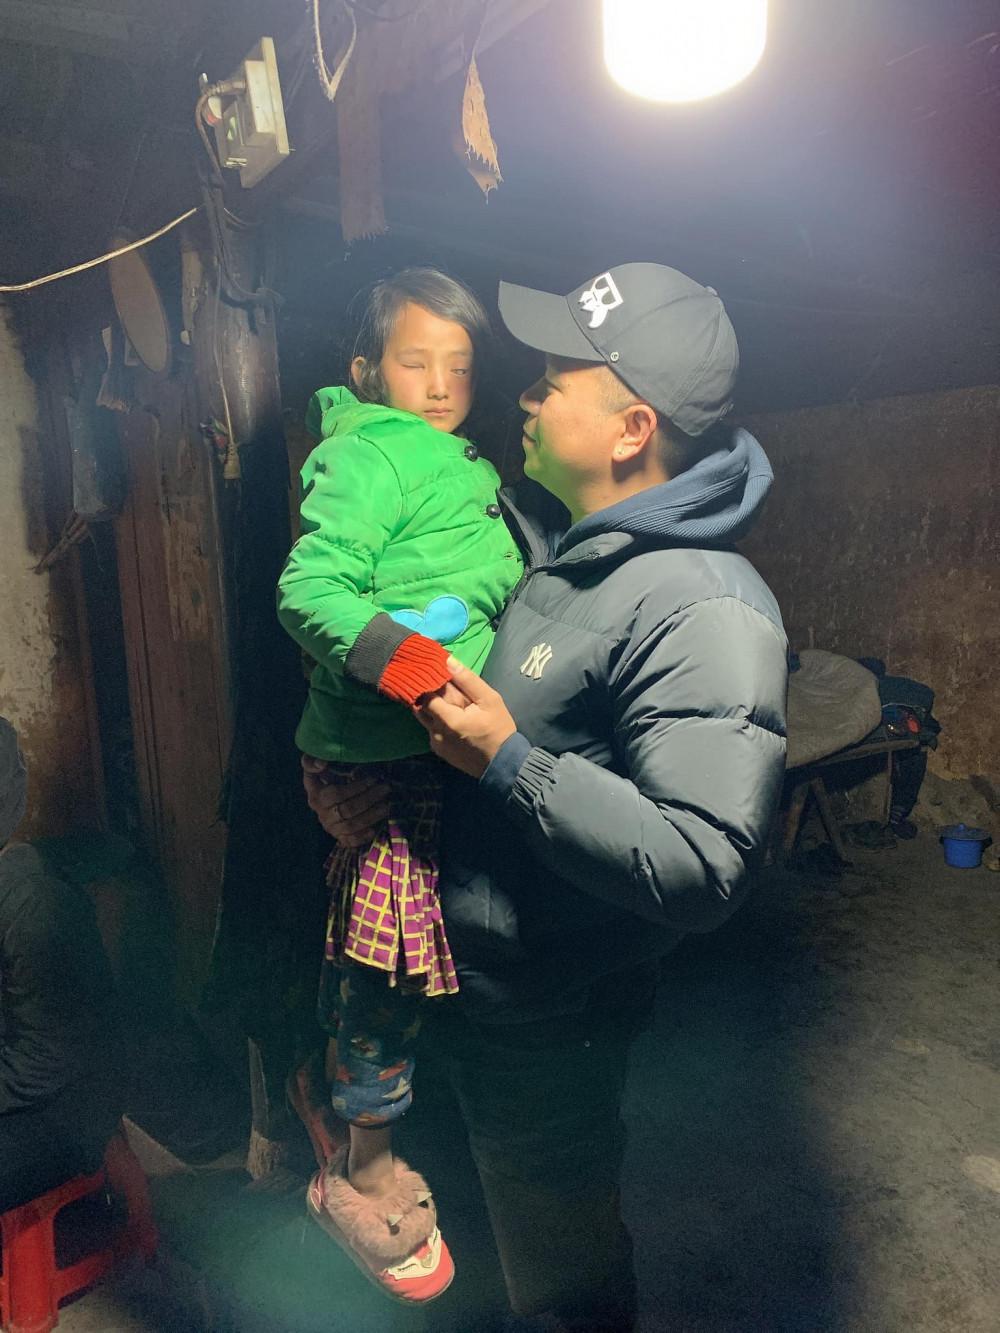 Trần Trung Kiên và em bé bị hỏng mắt ở Hà Giang.